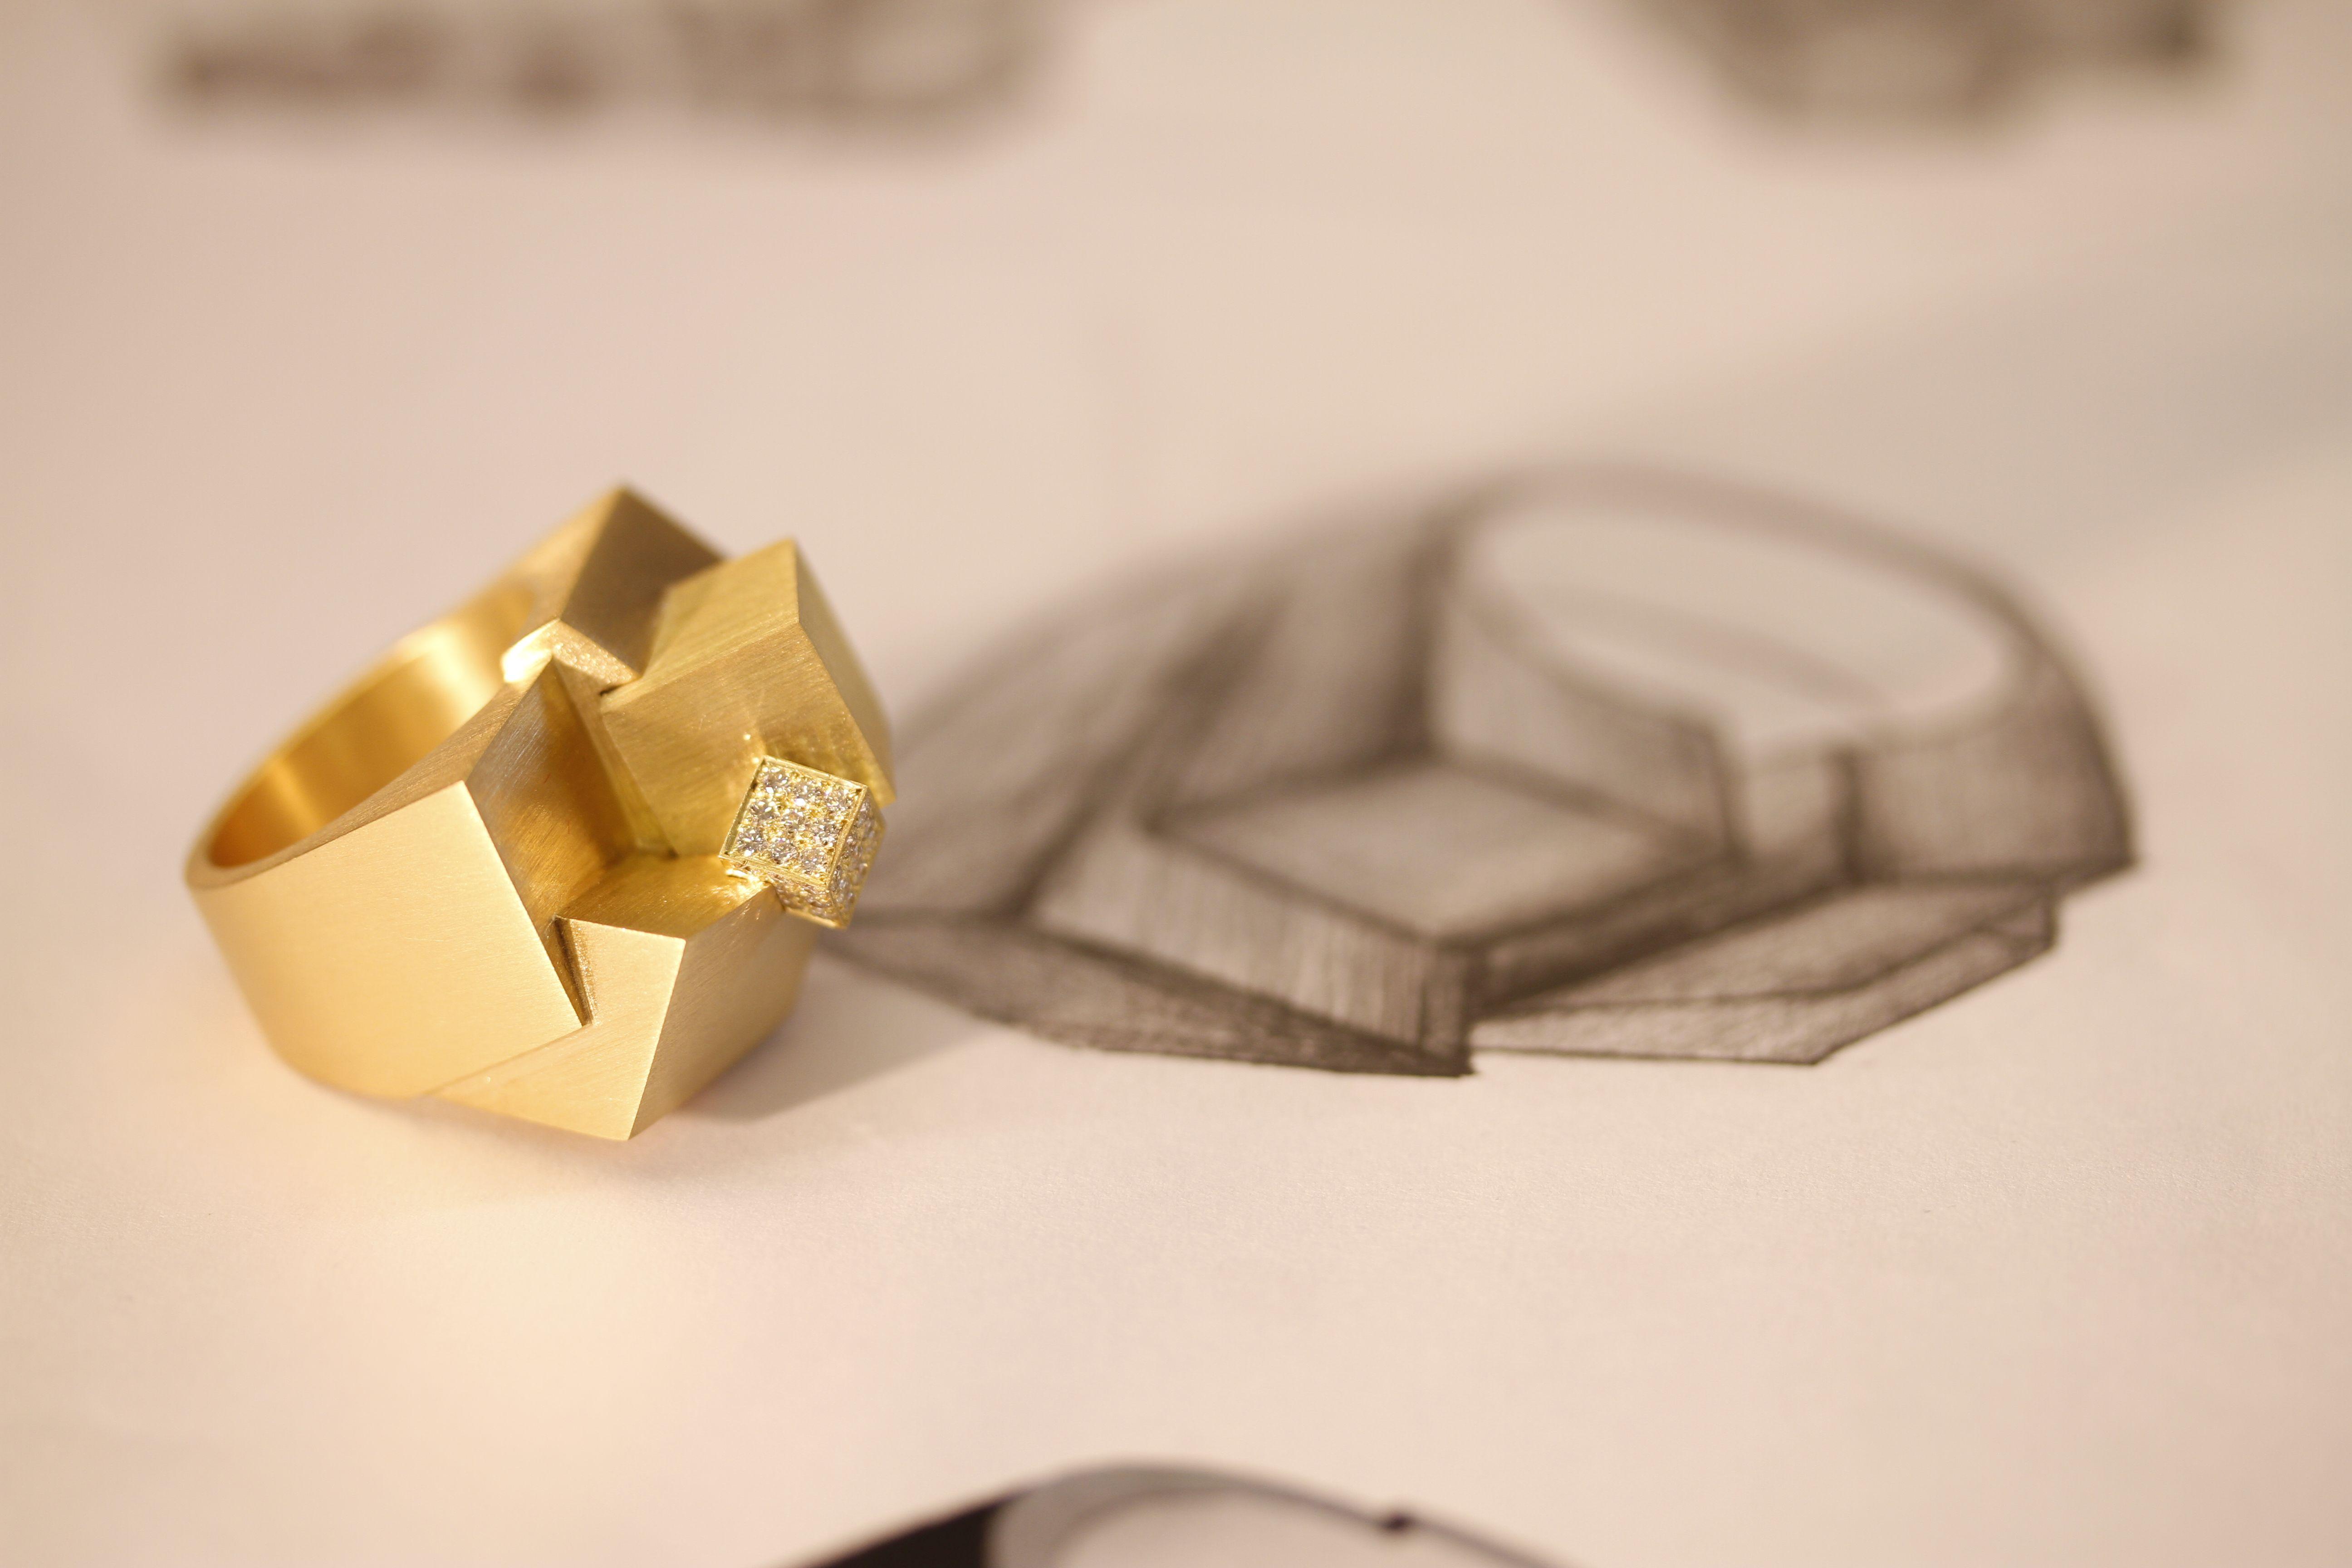 Nesta série, as fotos apresentam um conceito de movimento das jóias Antonio Bernardes. Fotos: Paulão de Barros